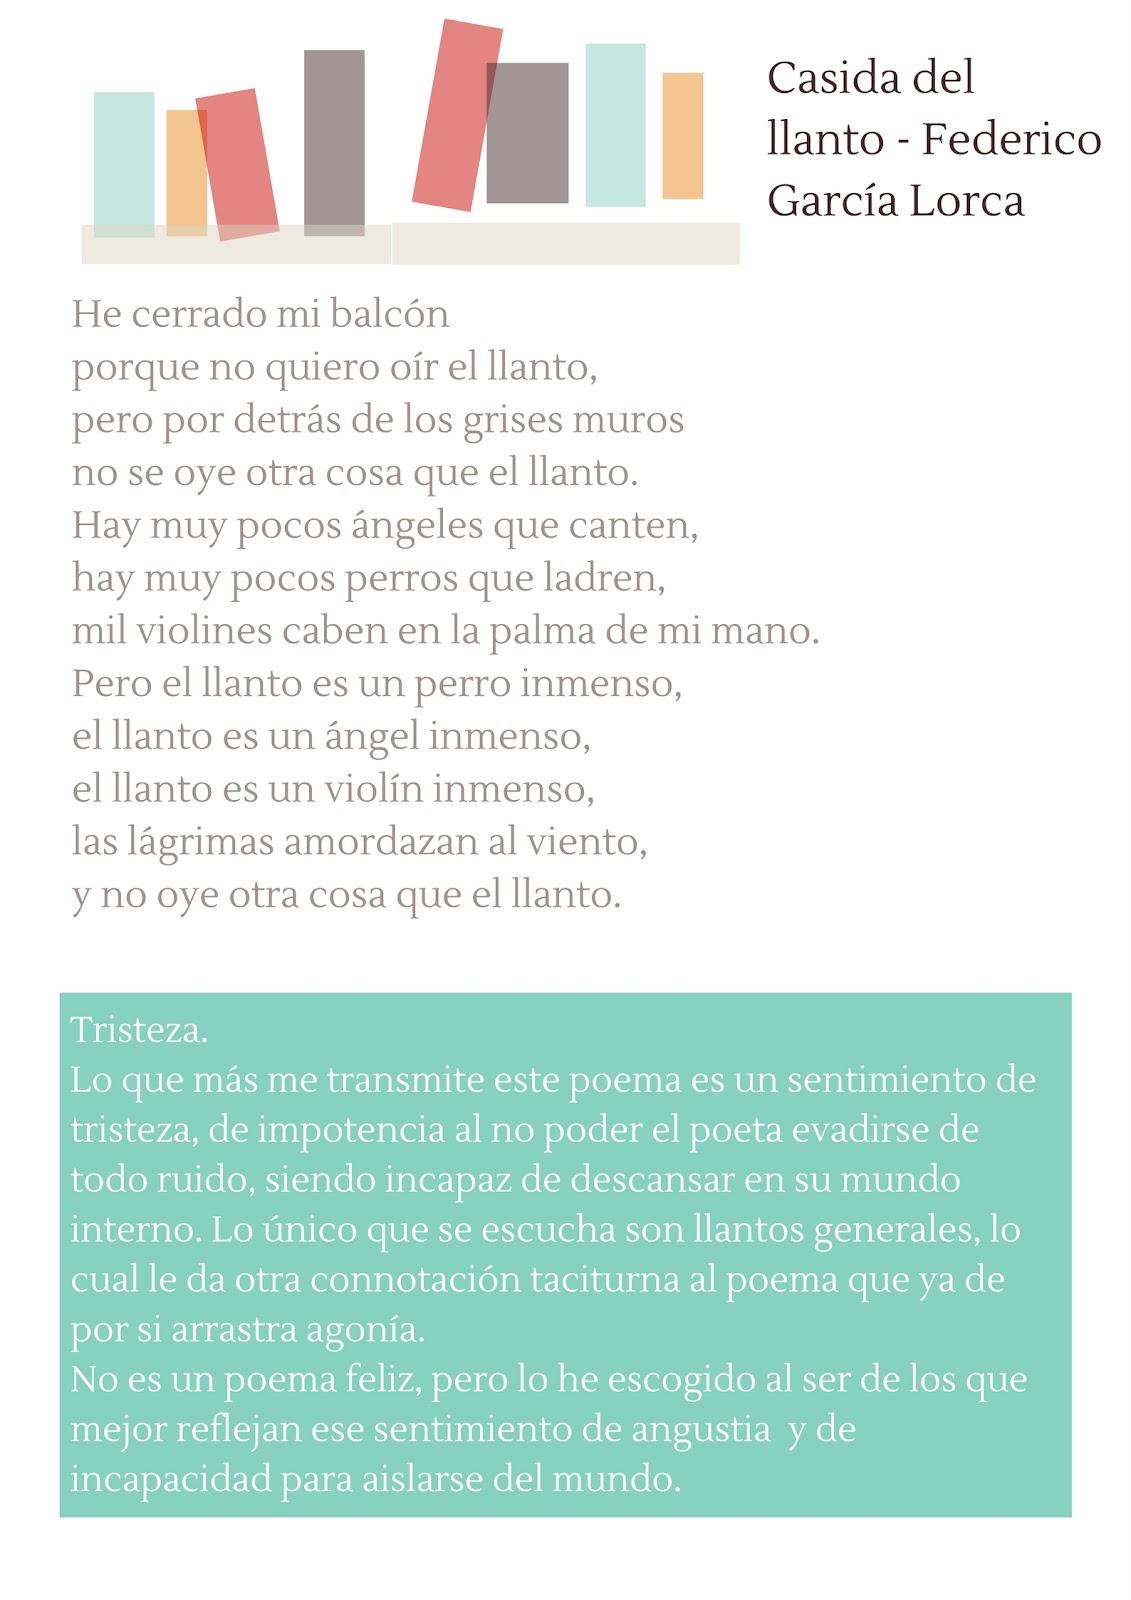 GENERACIÓN DEL 27 (10).jpg